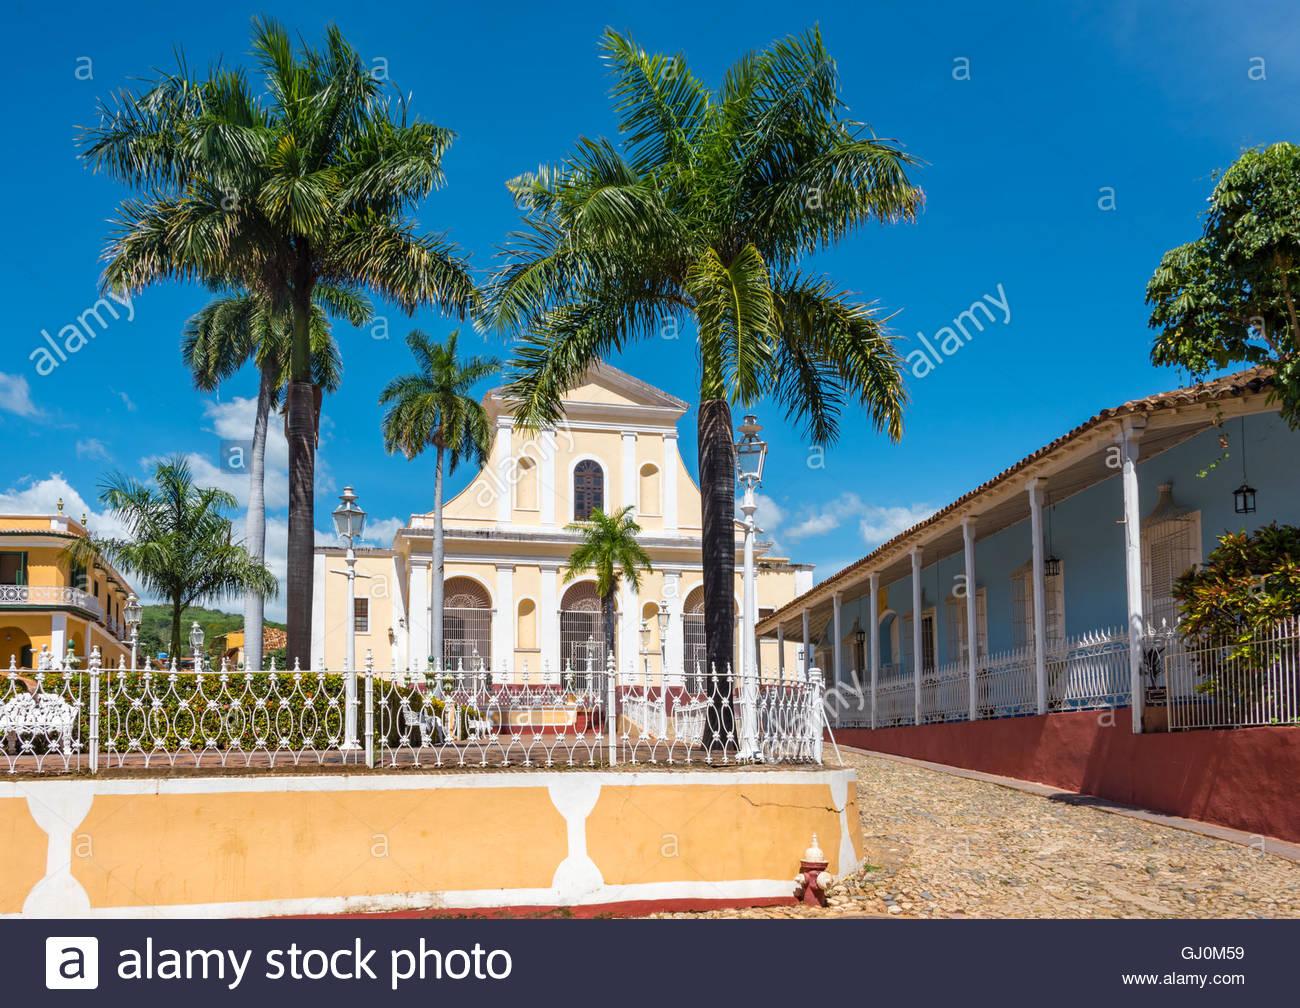 Holy Trinity Church or Iglesia Parroquial de la Santisima Trinidad in the Plaza Mayor of Trinidad de Cuba. The city - Stock Image